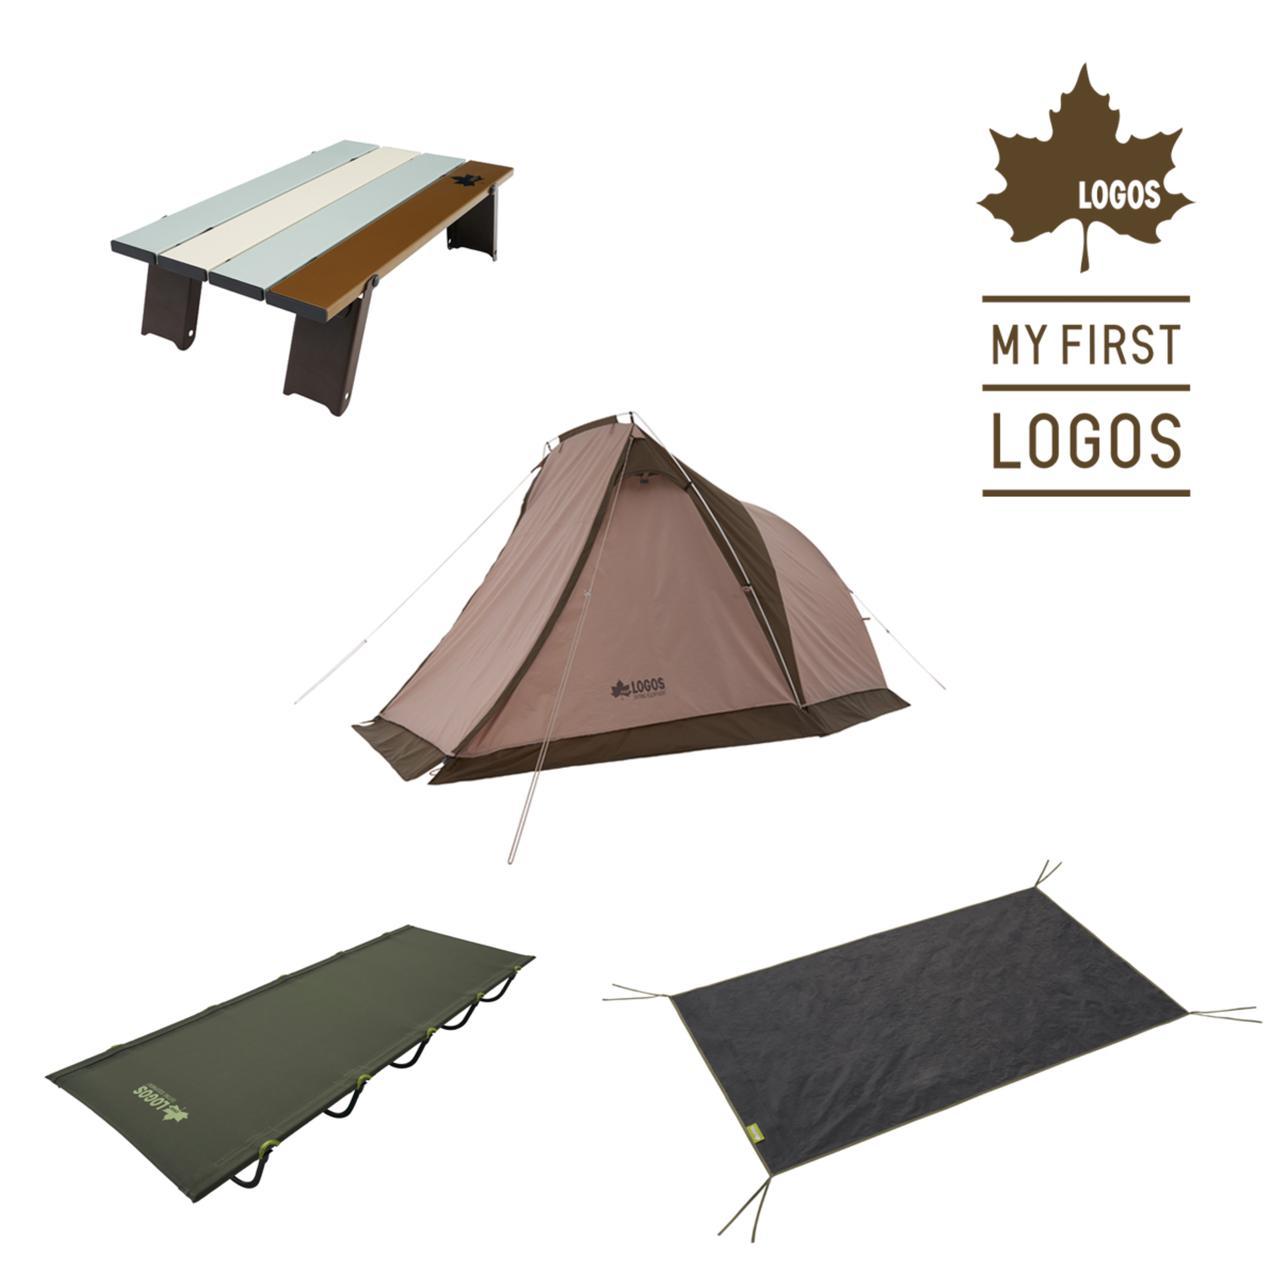 画像1: LOGOS(ロゴス)秋キャンプおすすめアイテムを厳選!25種類のお得なセット販売「MY FIRST LOGOS キャンペーン」 開催です!